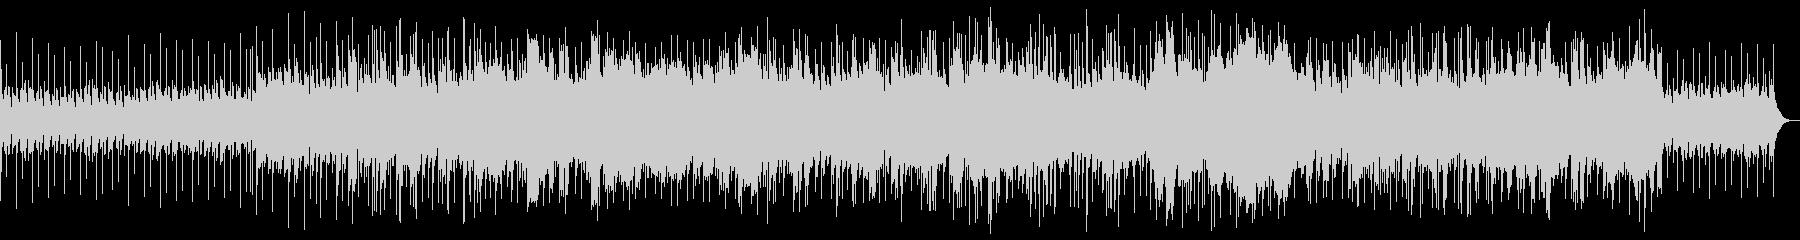 シンセサイザーのムードのある曲の未再生の波形